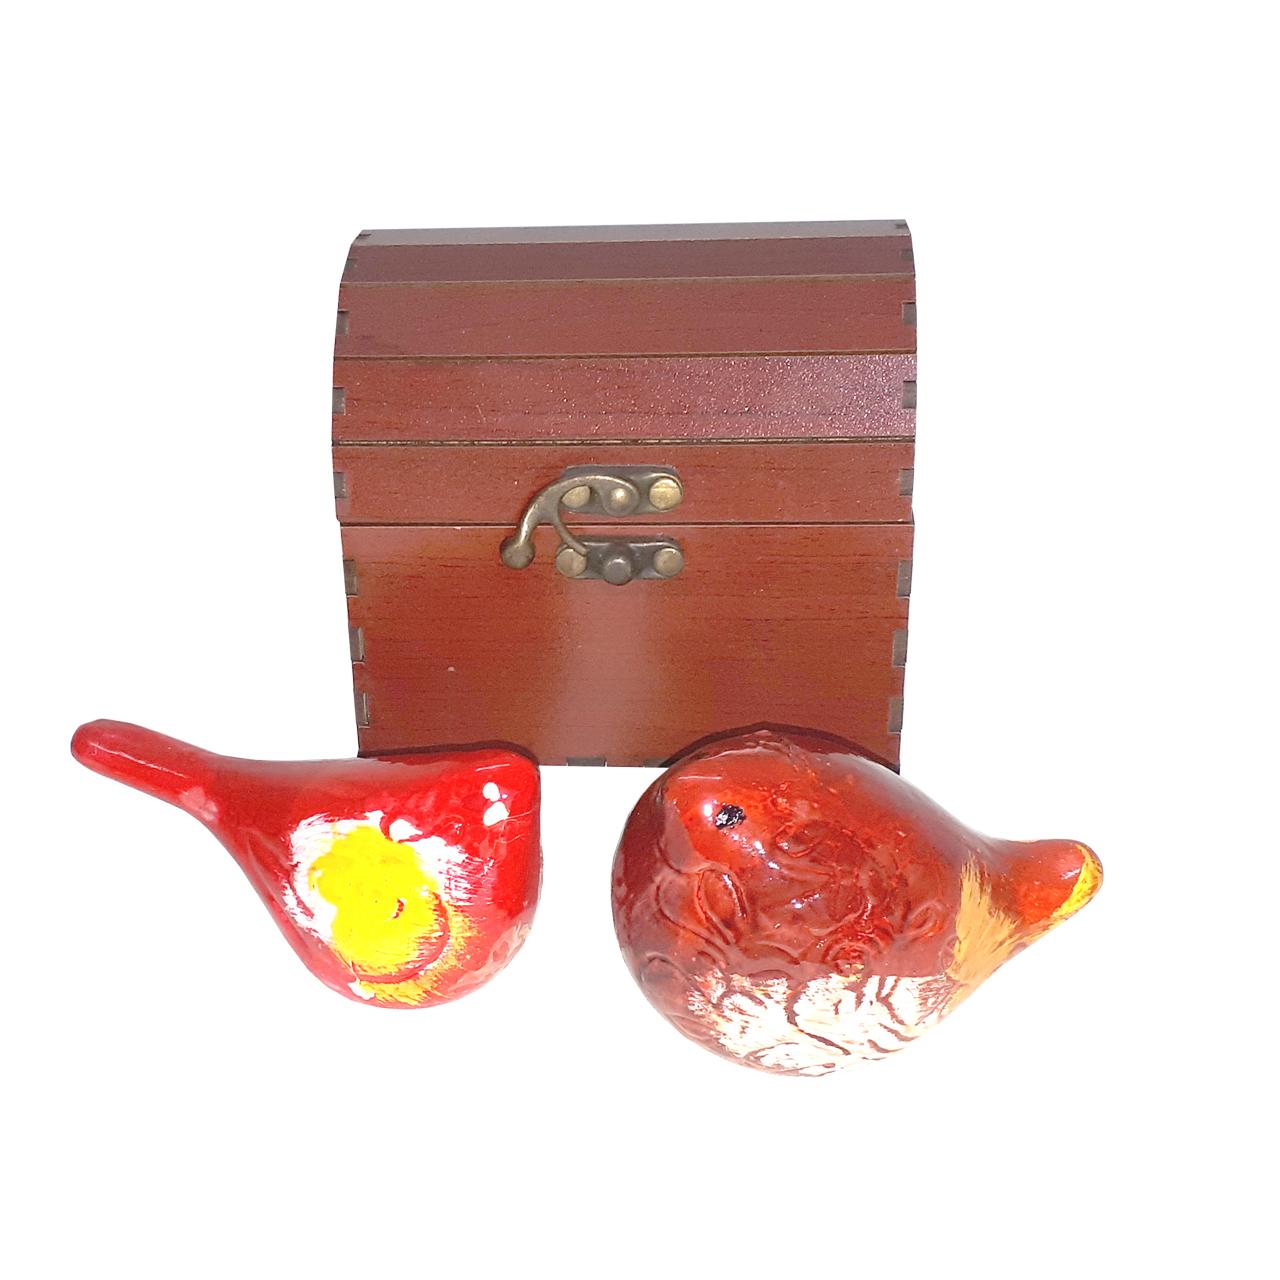 مرغ آمین سفالی مدل FAB01 بسته دو عددی به همراه صندوقچه  چوبی